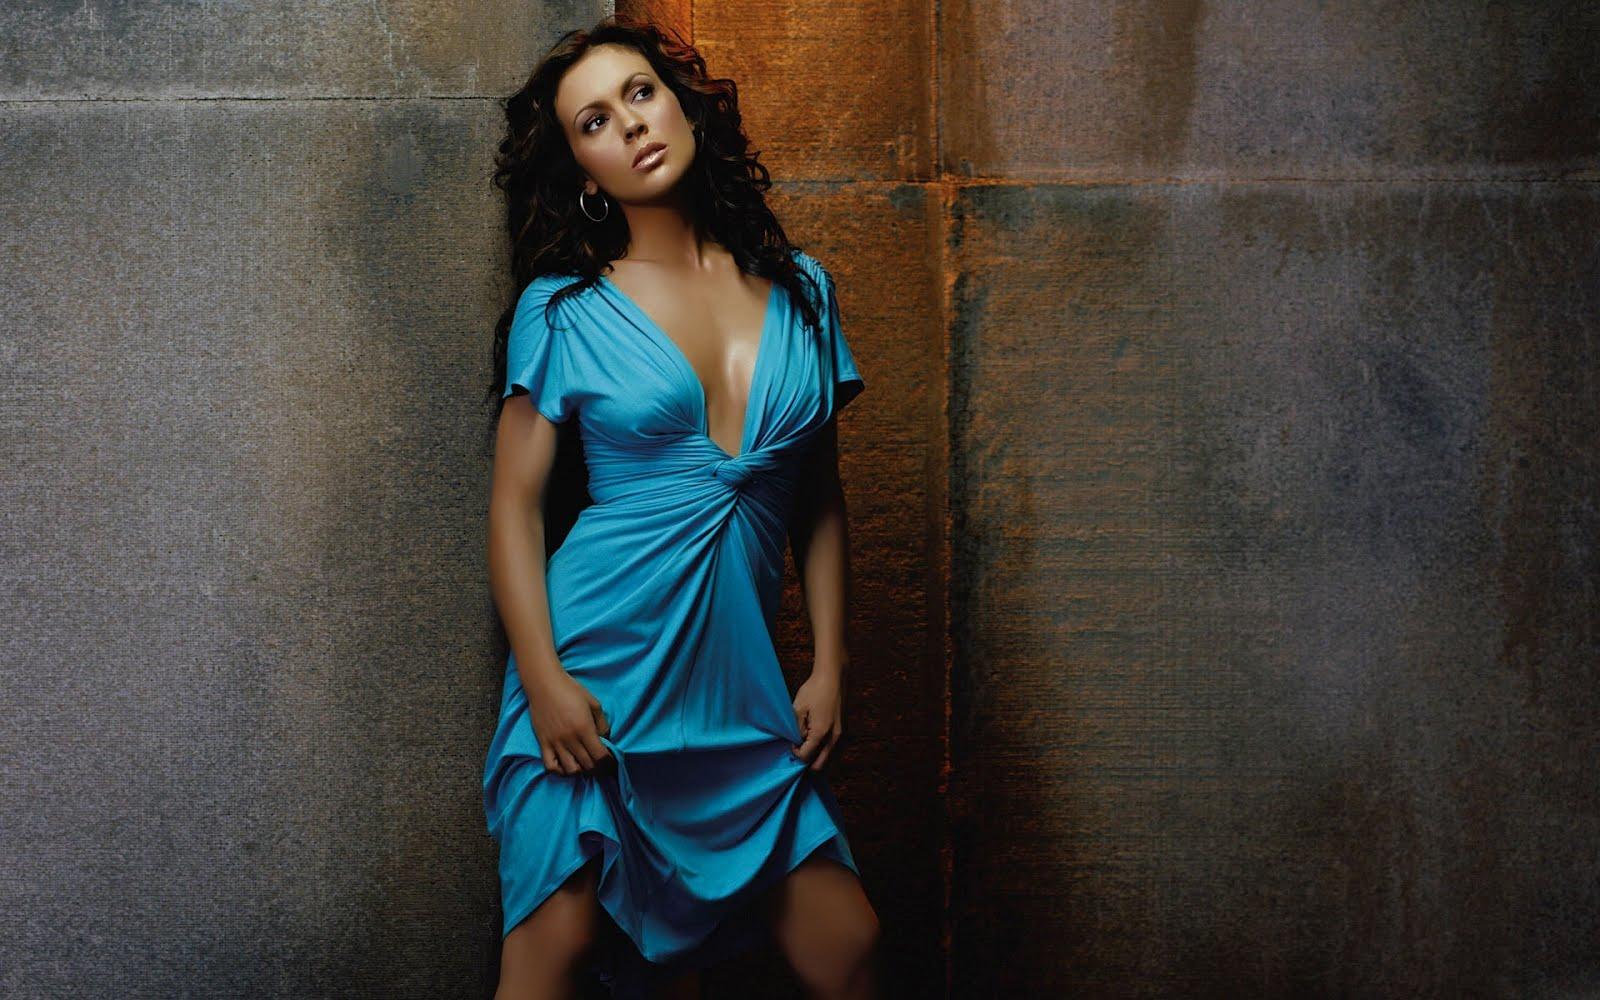 http://2.bp.blogspot.com/-QPMwpxvD9Fk/T9Cundx-tgI/AAAAAAAAASo/BqlGT8NA6A0/s1600/Alyssa-Milano-In-Blue-Dress.jpg